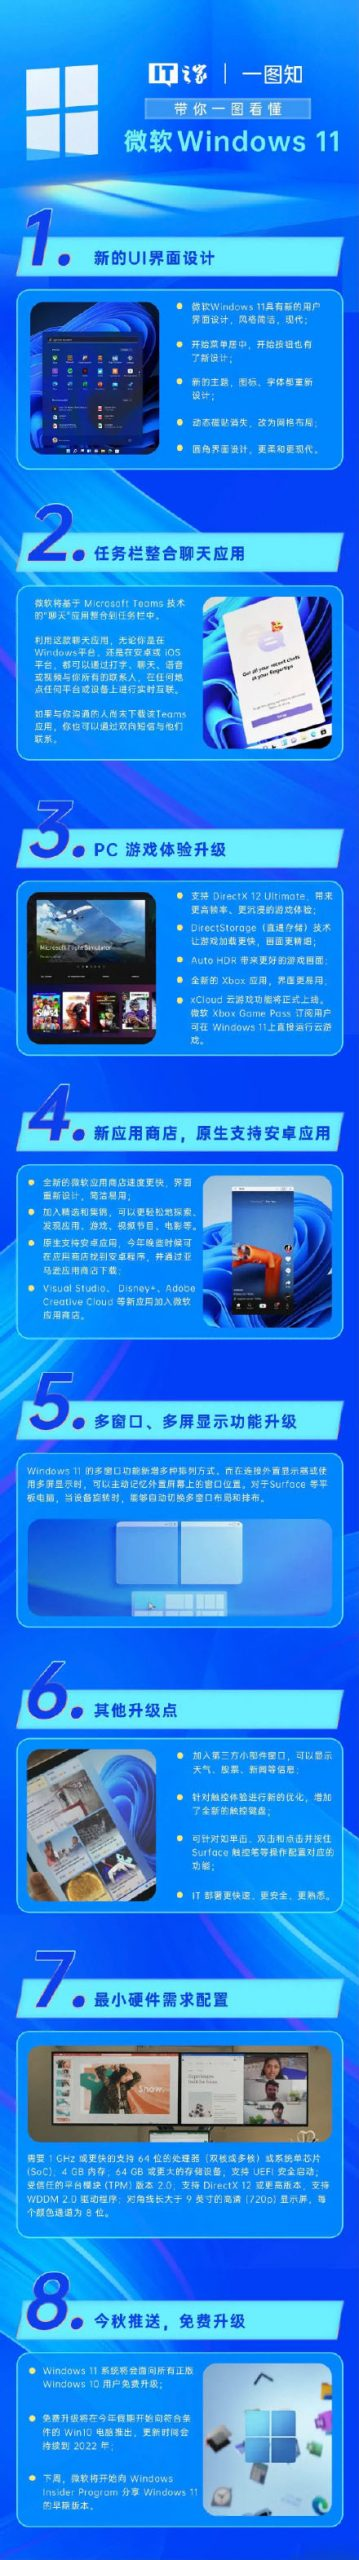 一图带你看懂微软windows11操作系统